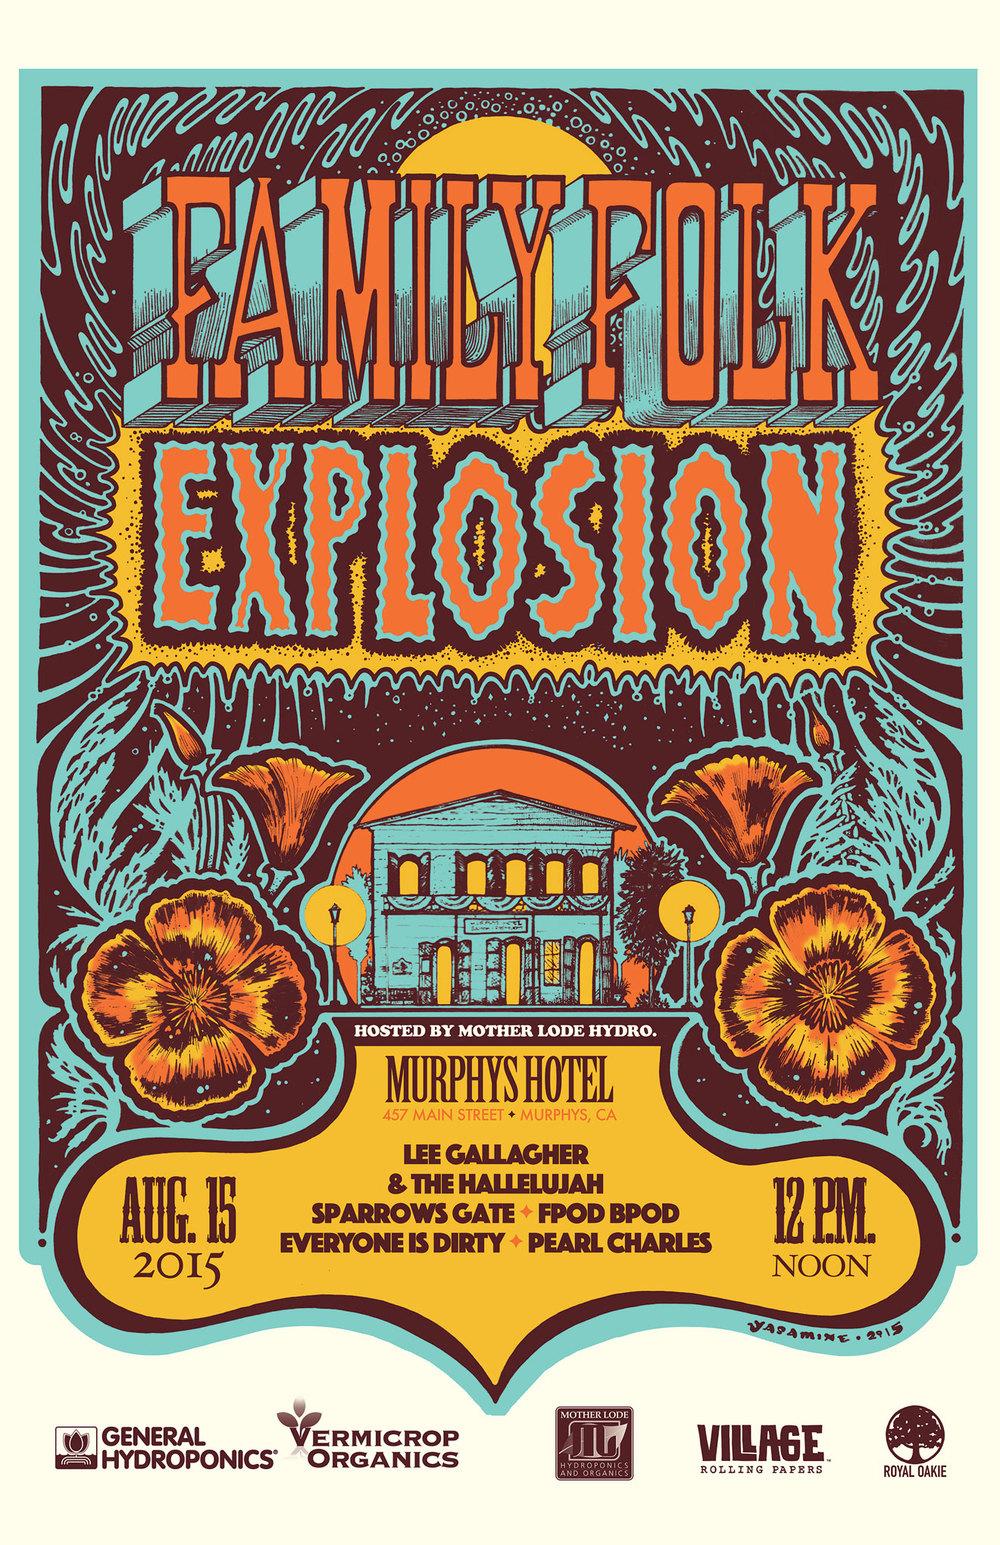 Festival Poster for Family Folk Explosion